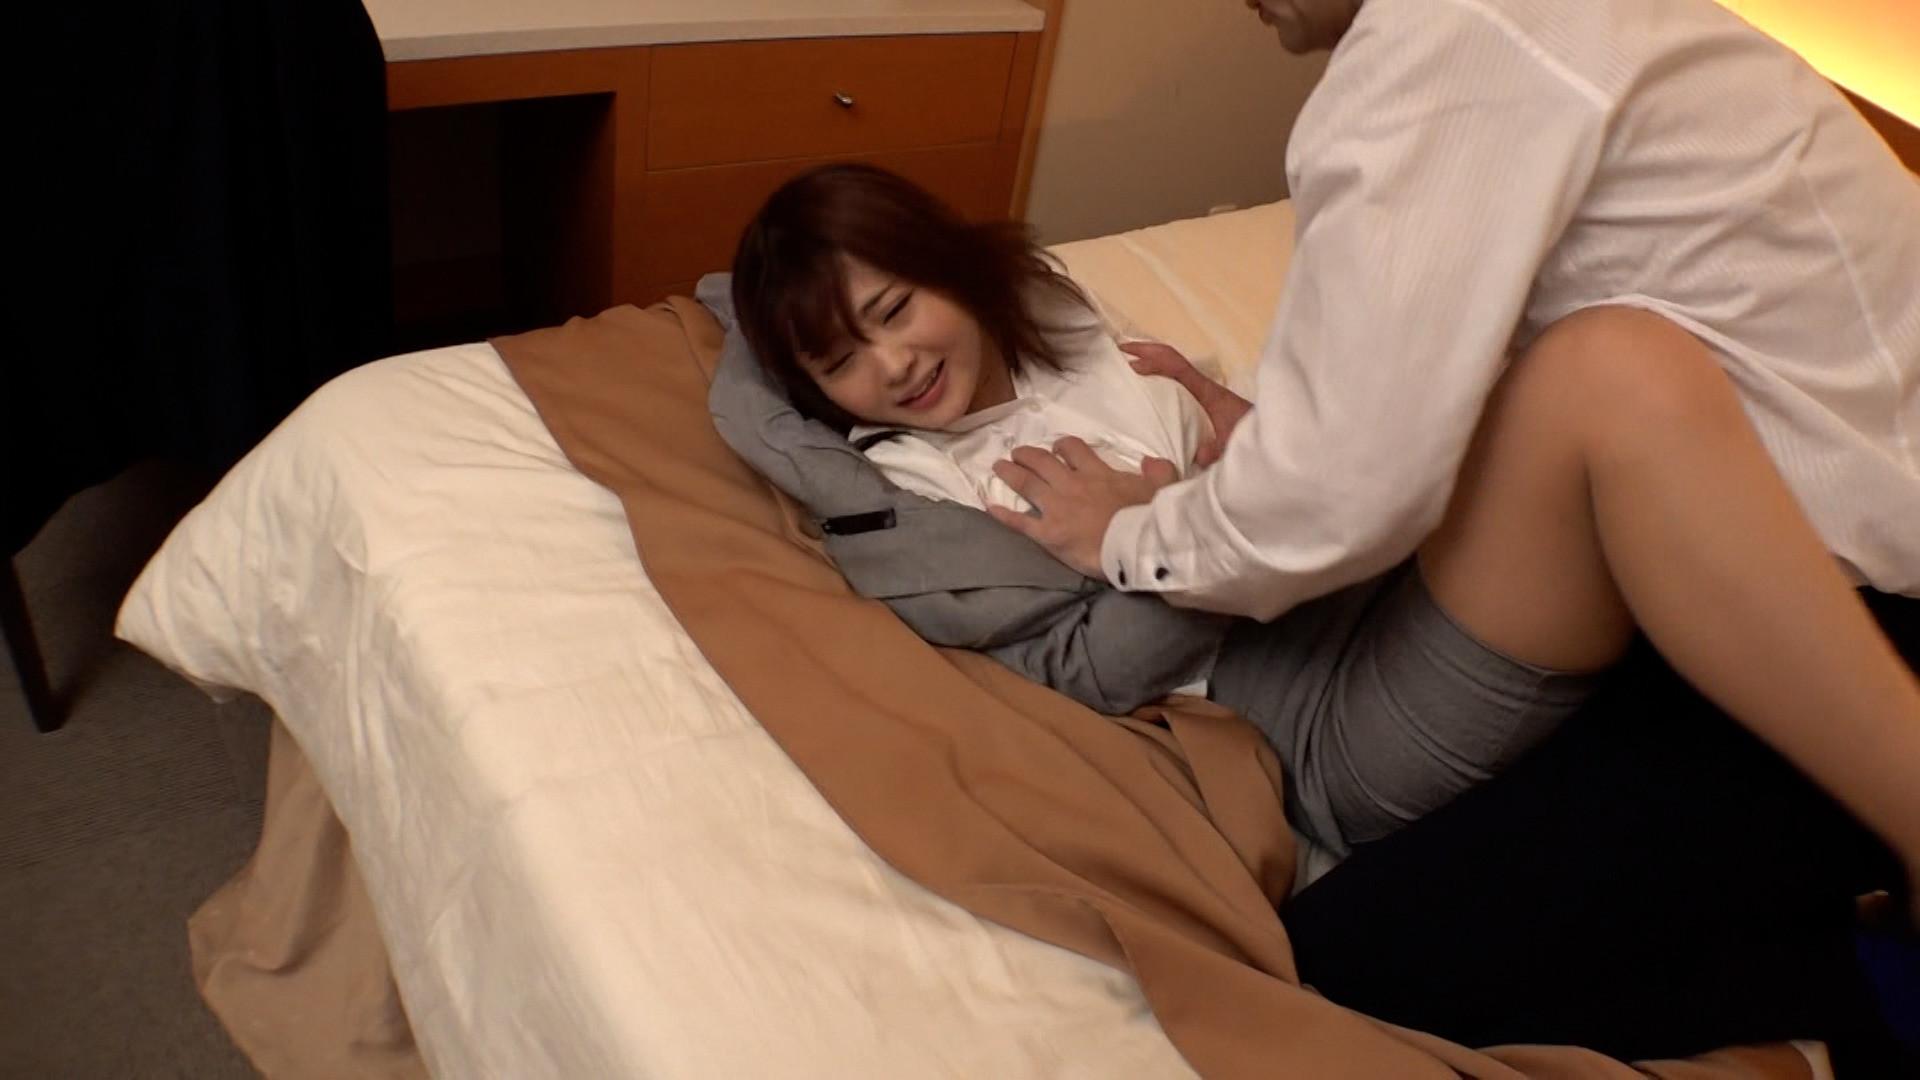 相部屋アナルNTR 絶倫上司に新婚OLが完堕ち 出張先のホテルで一晩中何度も中出しされた不倫アナル性交 妃月るい 画像1